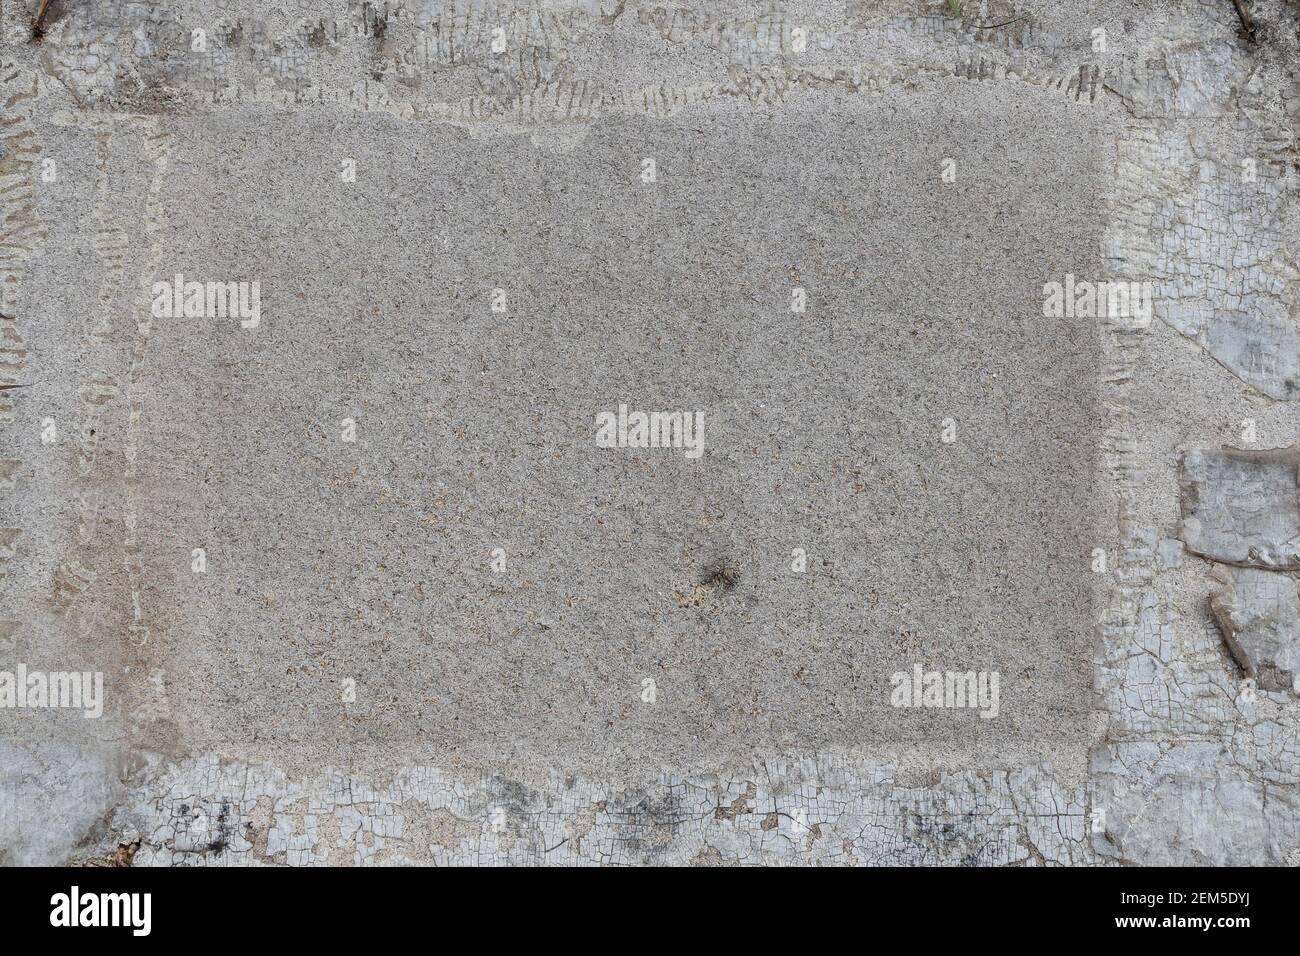 Segno di legno sbiadito con vernice scheggiata e macchie. Texture di sfondo. Foto Stock